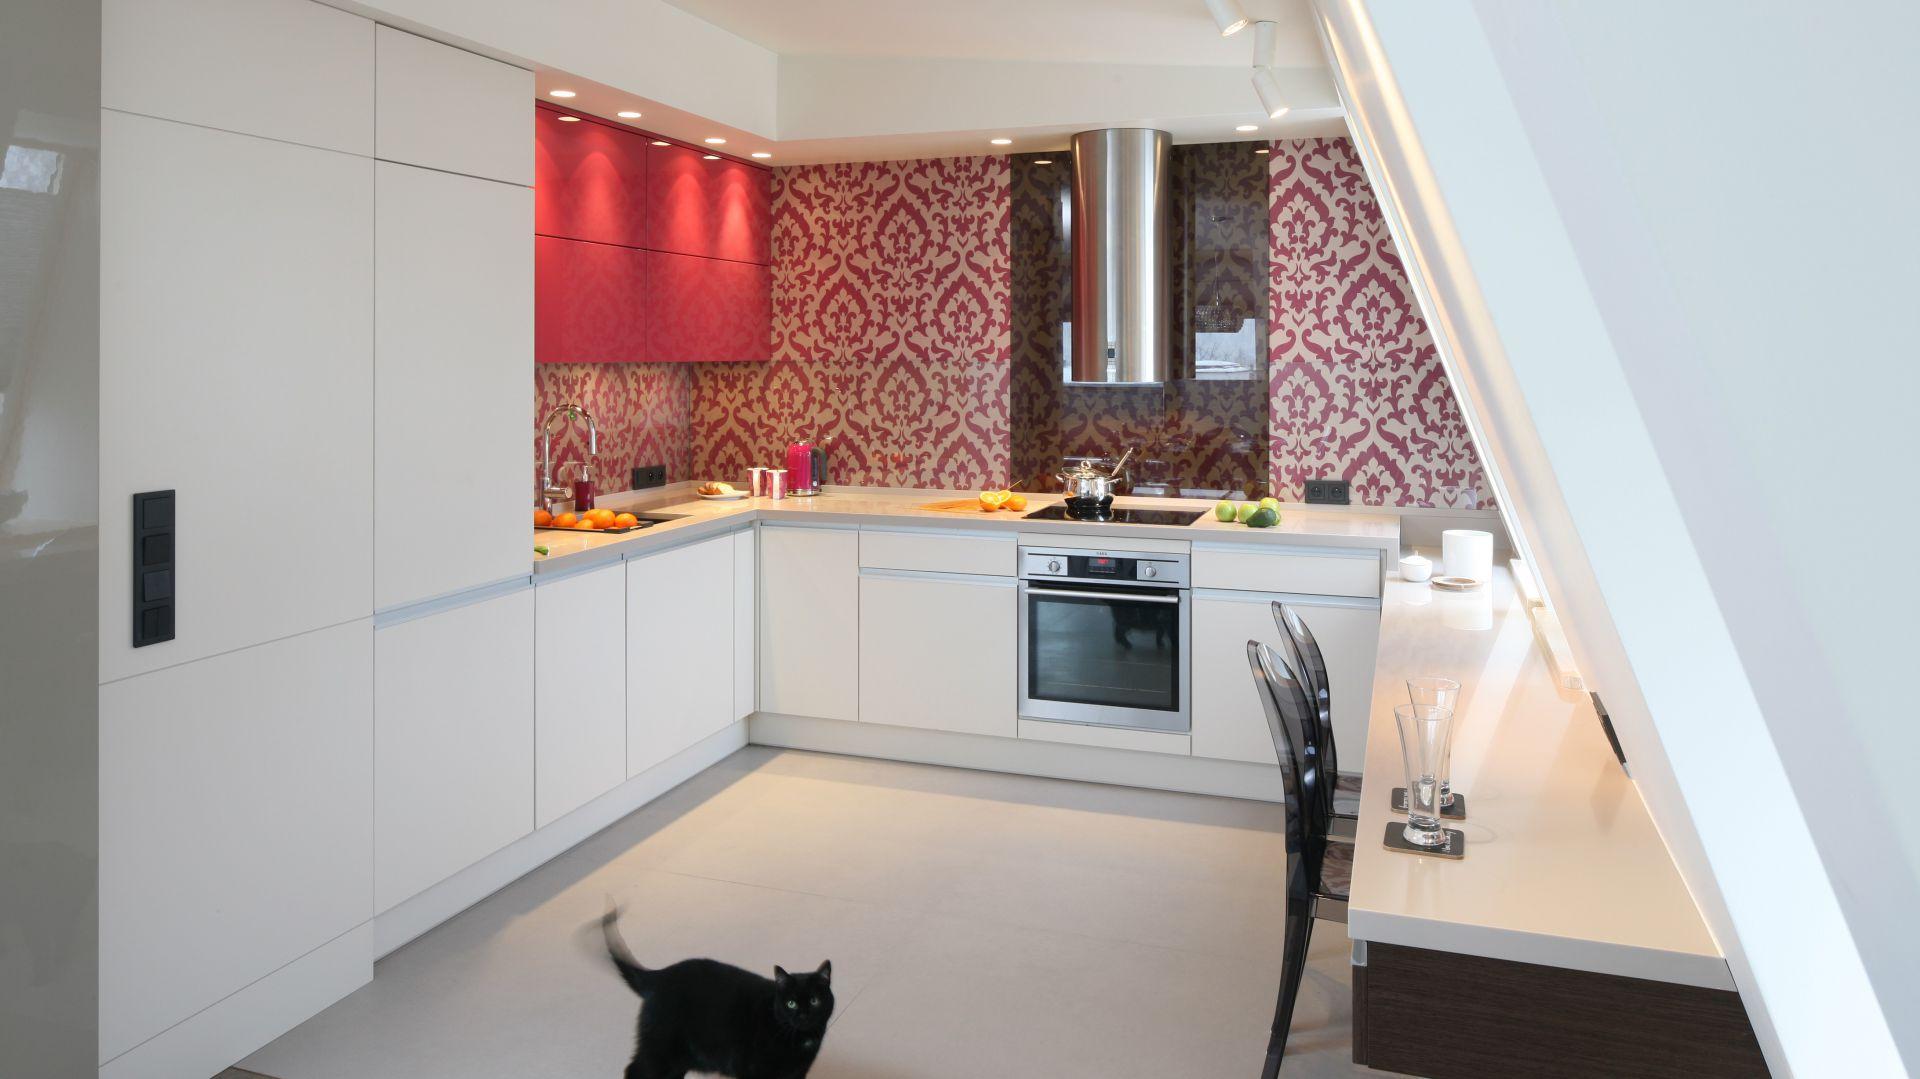 Kuchnia Otwarta Na Pokój Z Białymi Meblami Kuchennymi